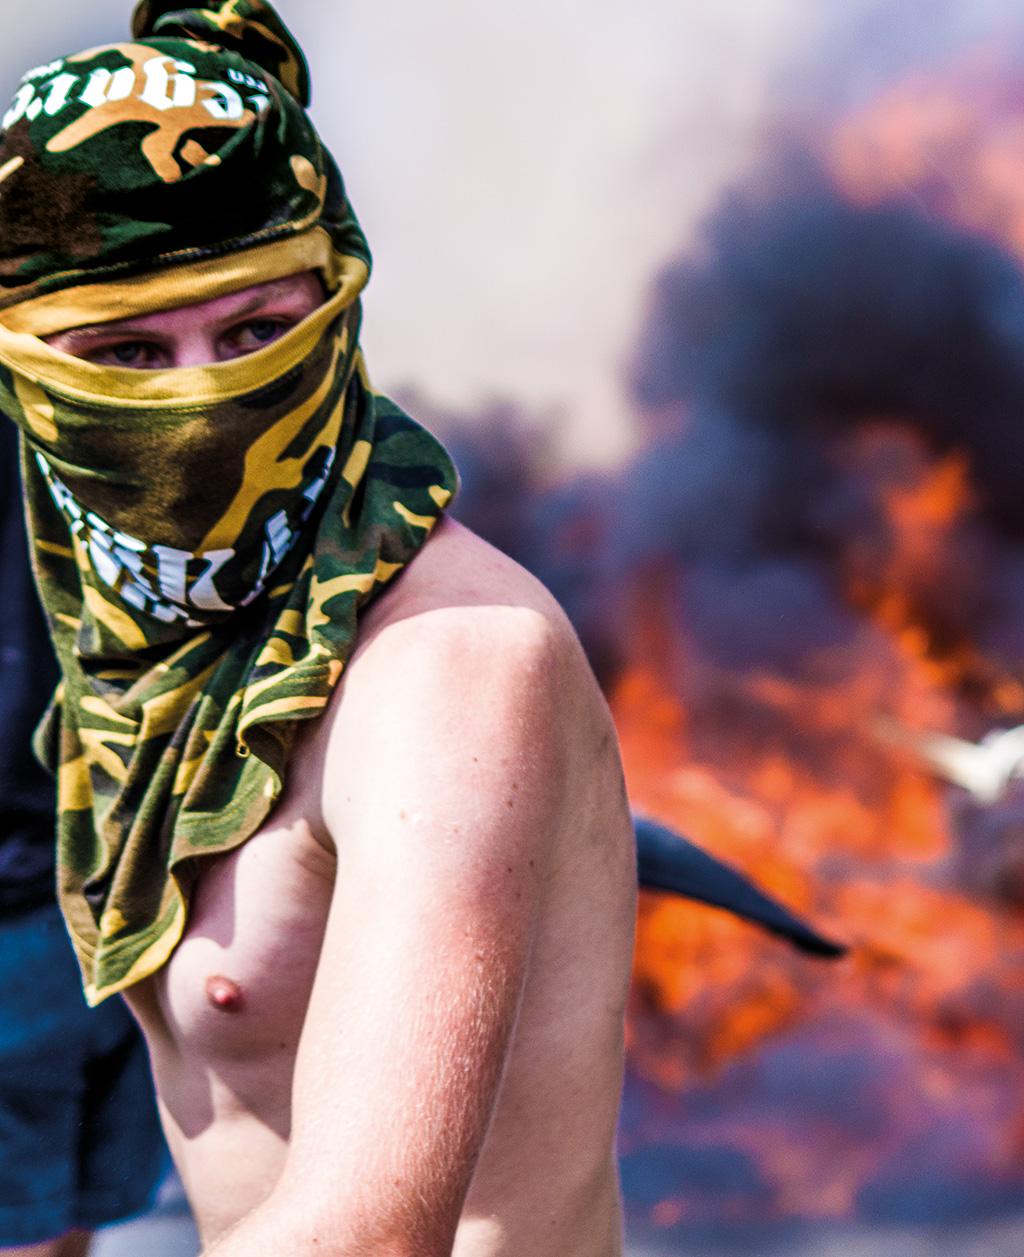 DANIEL KINDSTRAND Tält står i lågor på Självständighetstorget Maidan i Kiev. – Bilden visar vikten av att stå på rätt plats vid rätt tillfälle. En bra bild handlar inte bara om fotografens snabba fingrar eller kamerans många pixlar.